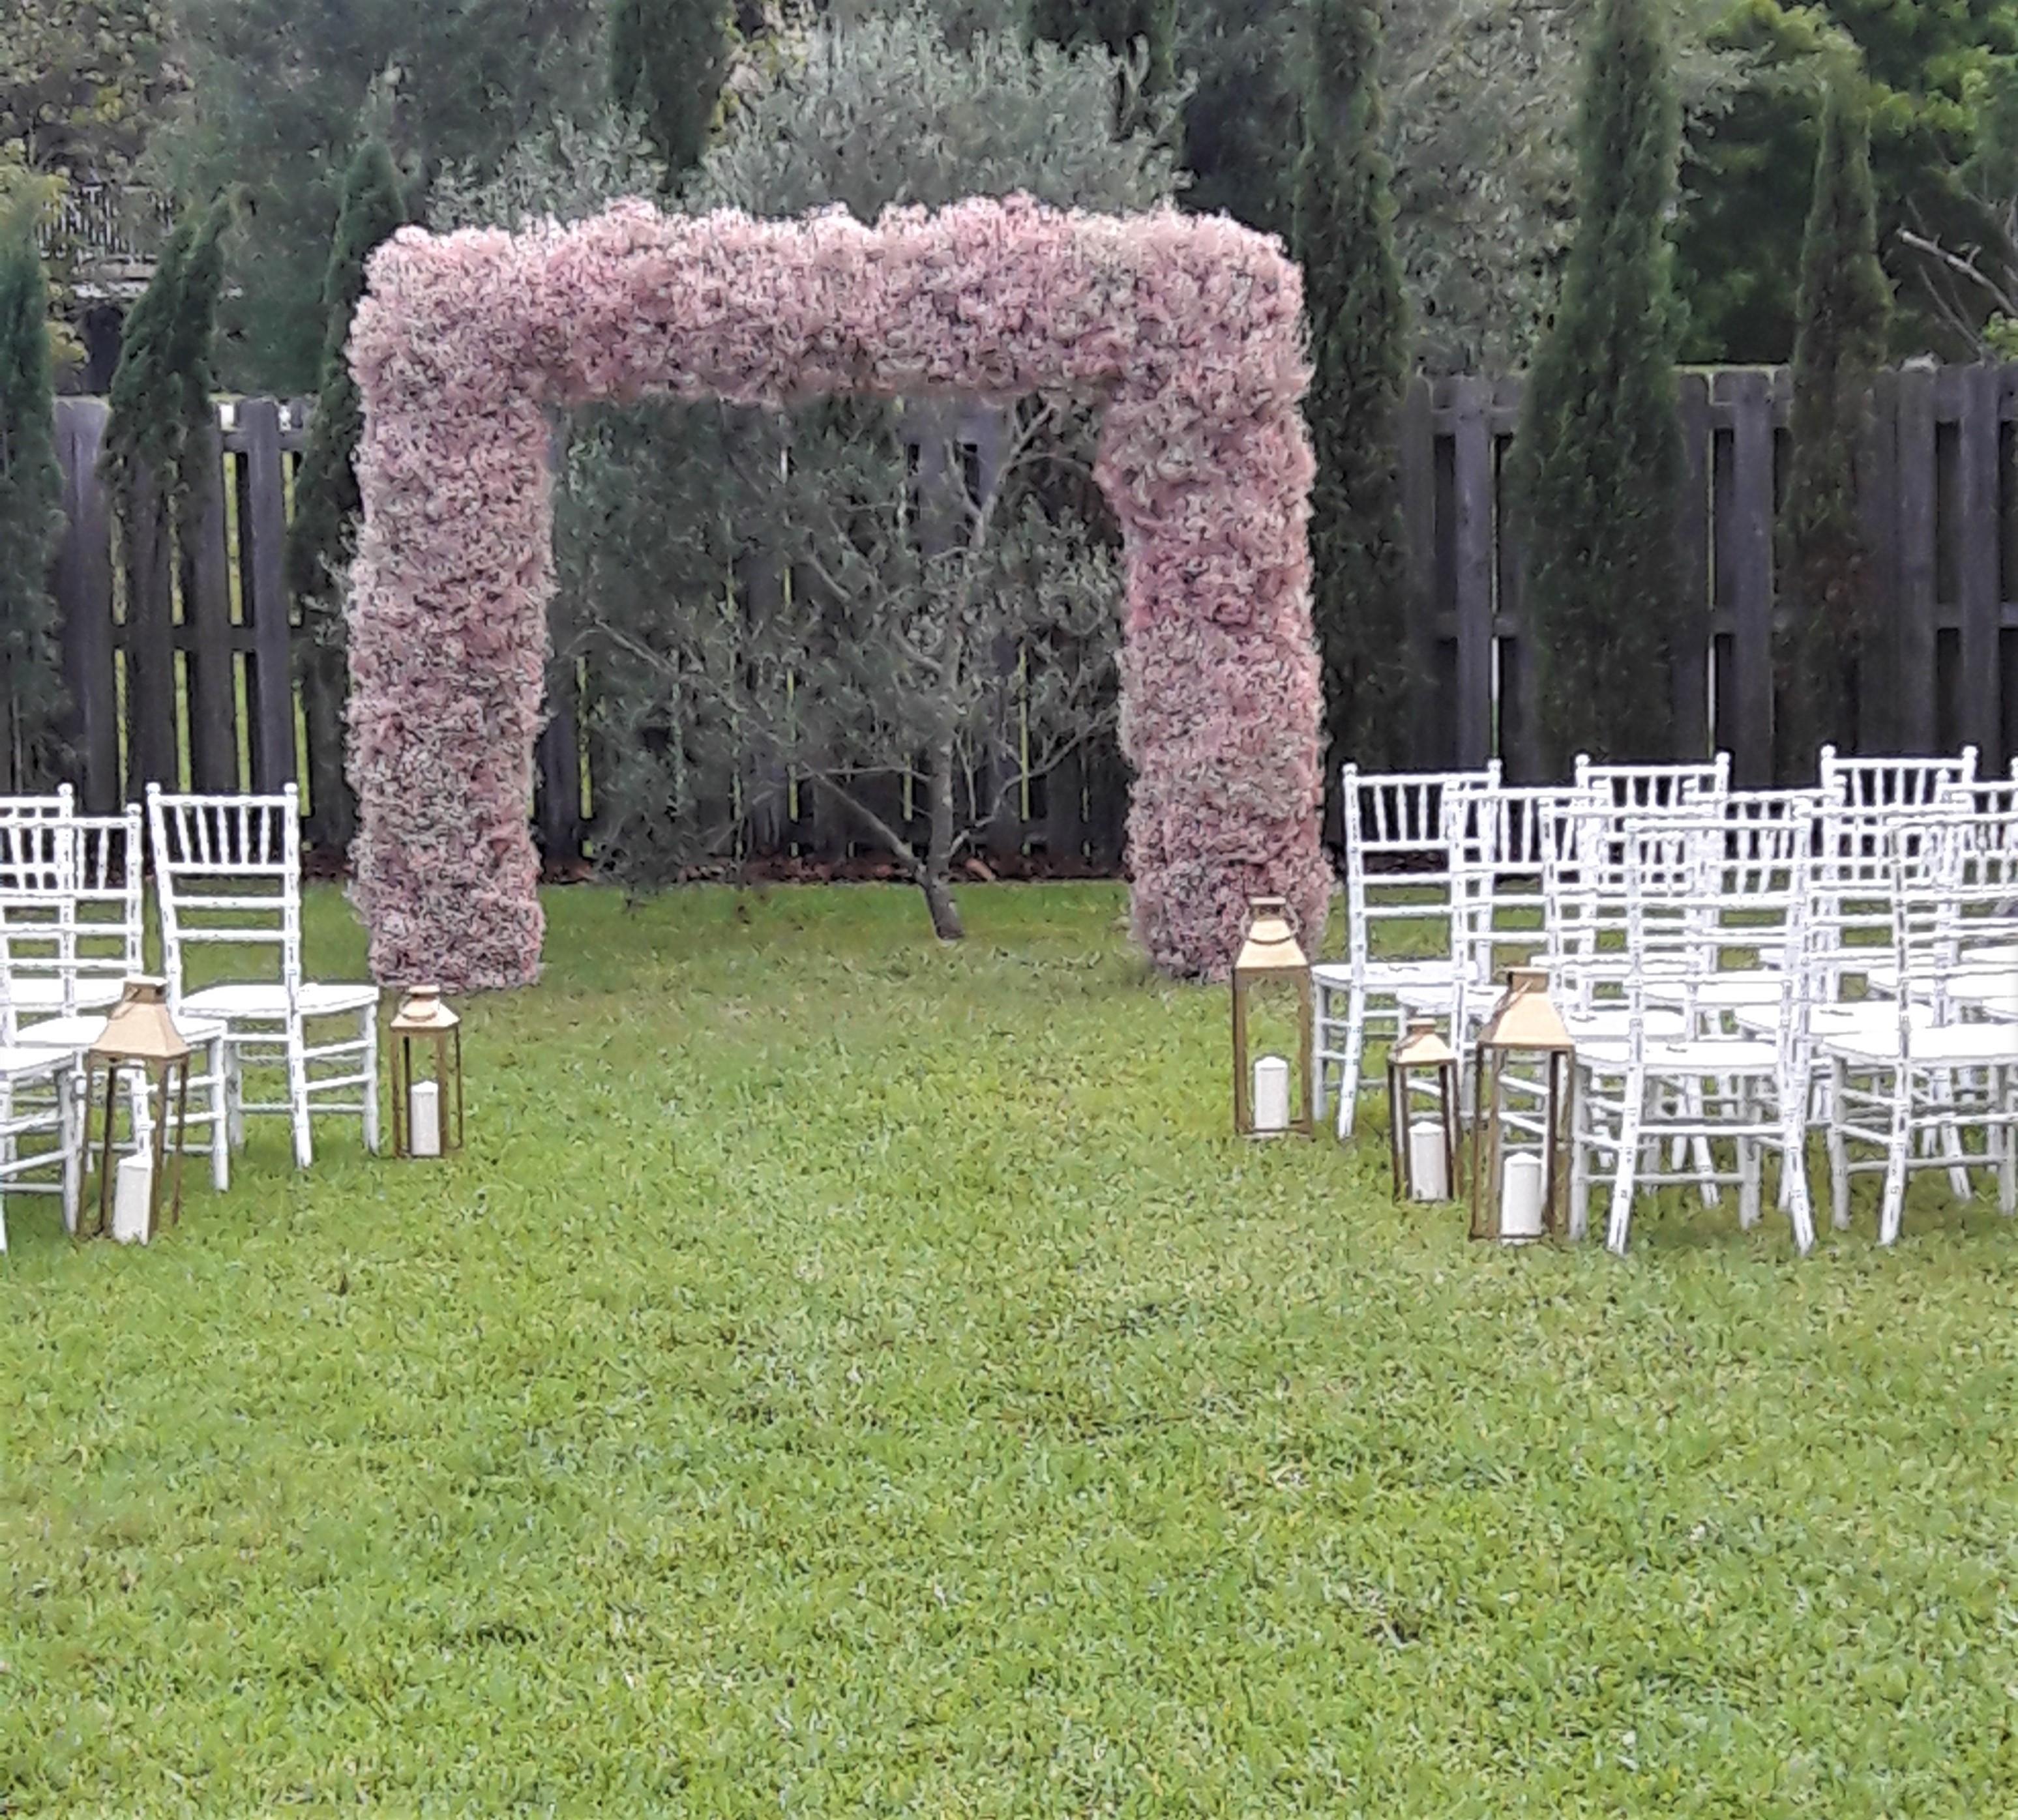 https://0201.nccdn.net/1_2/000/000/0d5/f78/lavendar-arch--2-.jpg